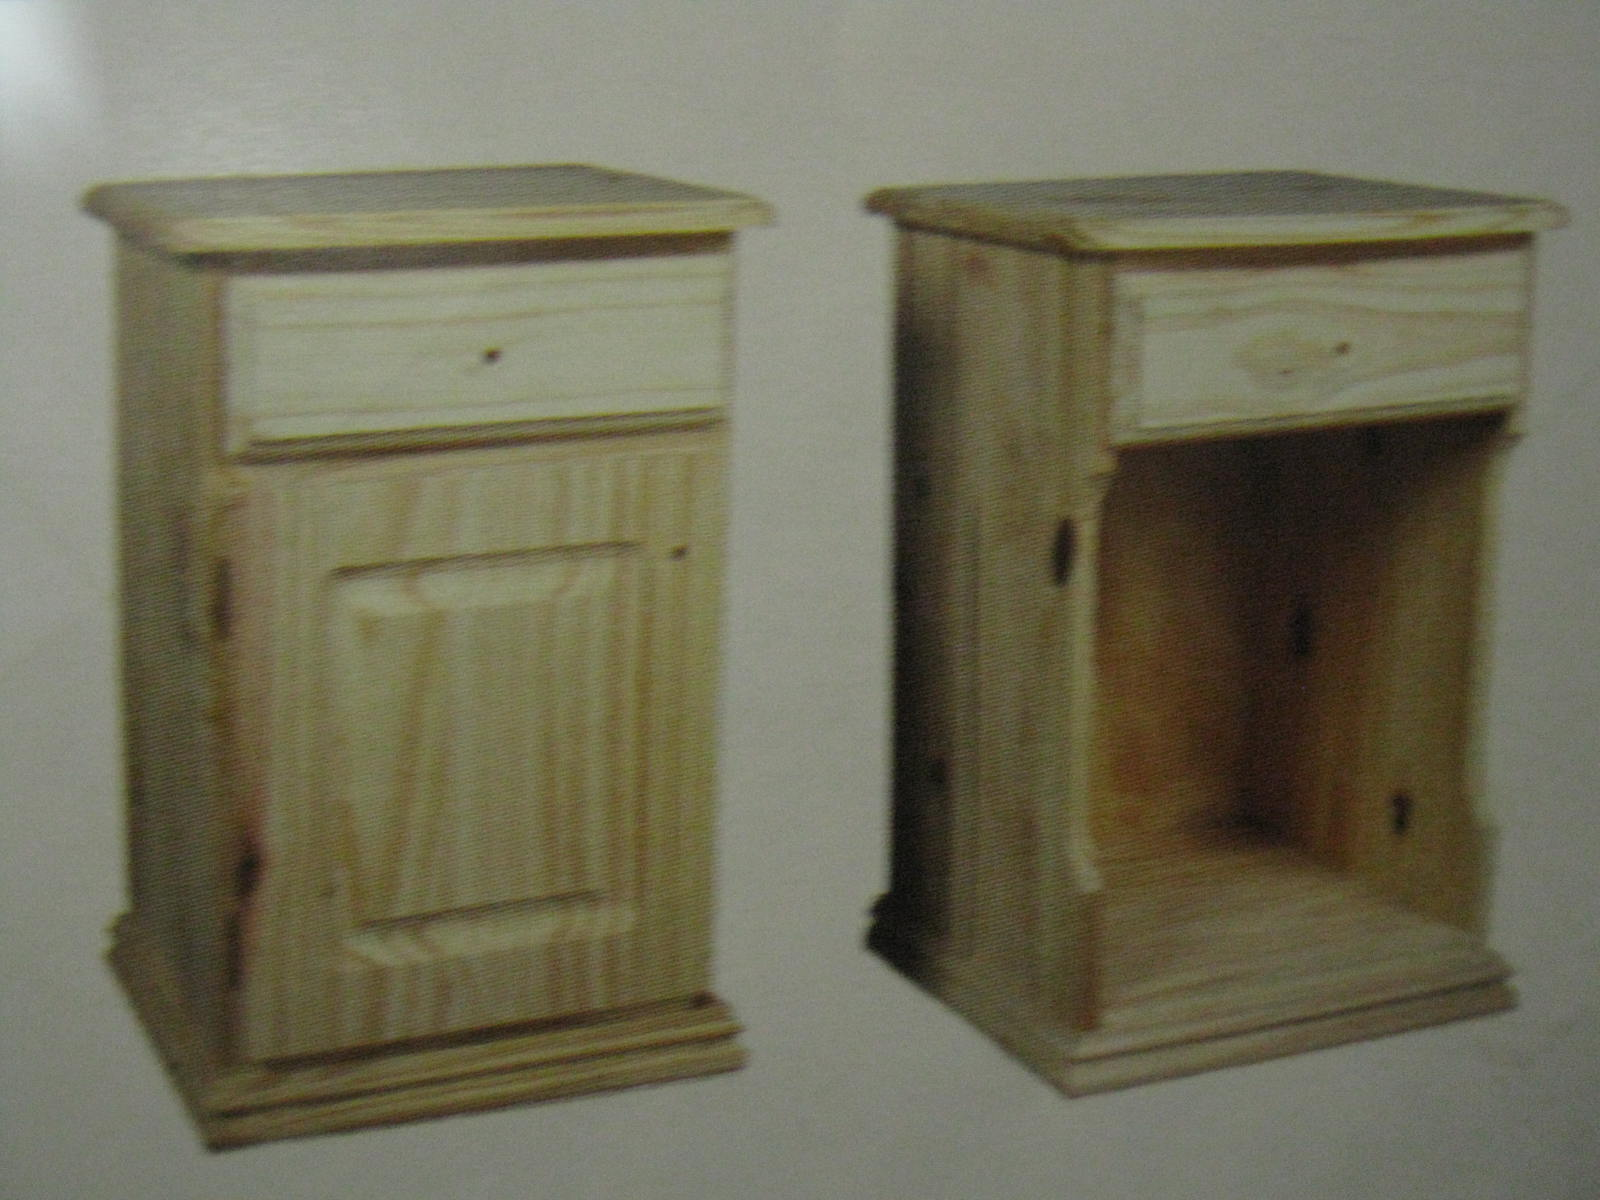 Luisi decoraciones muebles a medida - Muebles de pino sin tratar ...